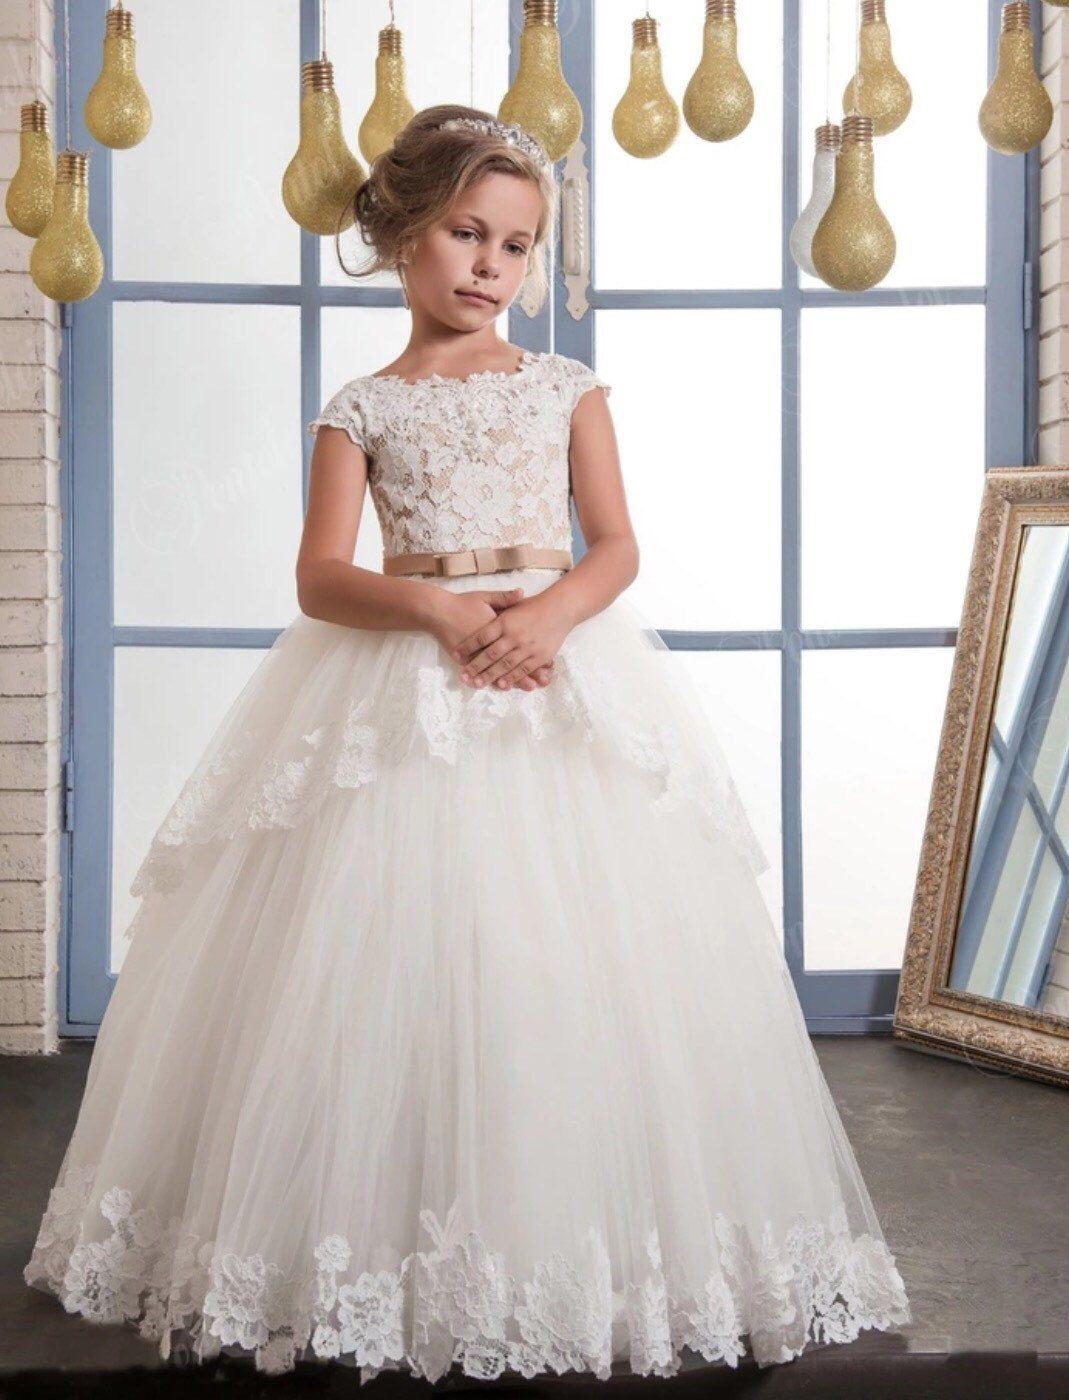 Groß Erröten Vintage Brautjunferkleider Fotos - Brautkleider Ideen ...